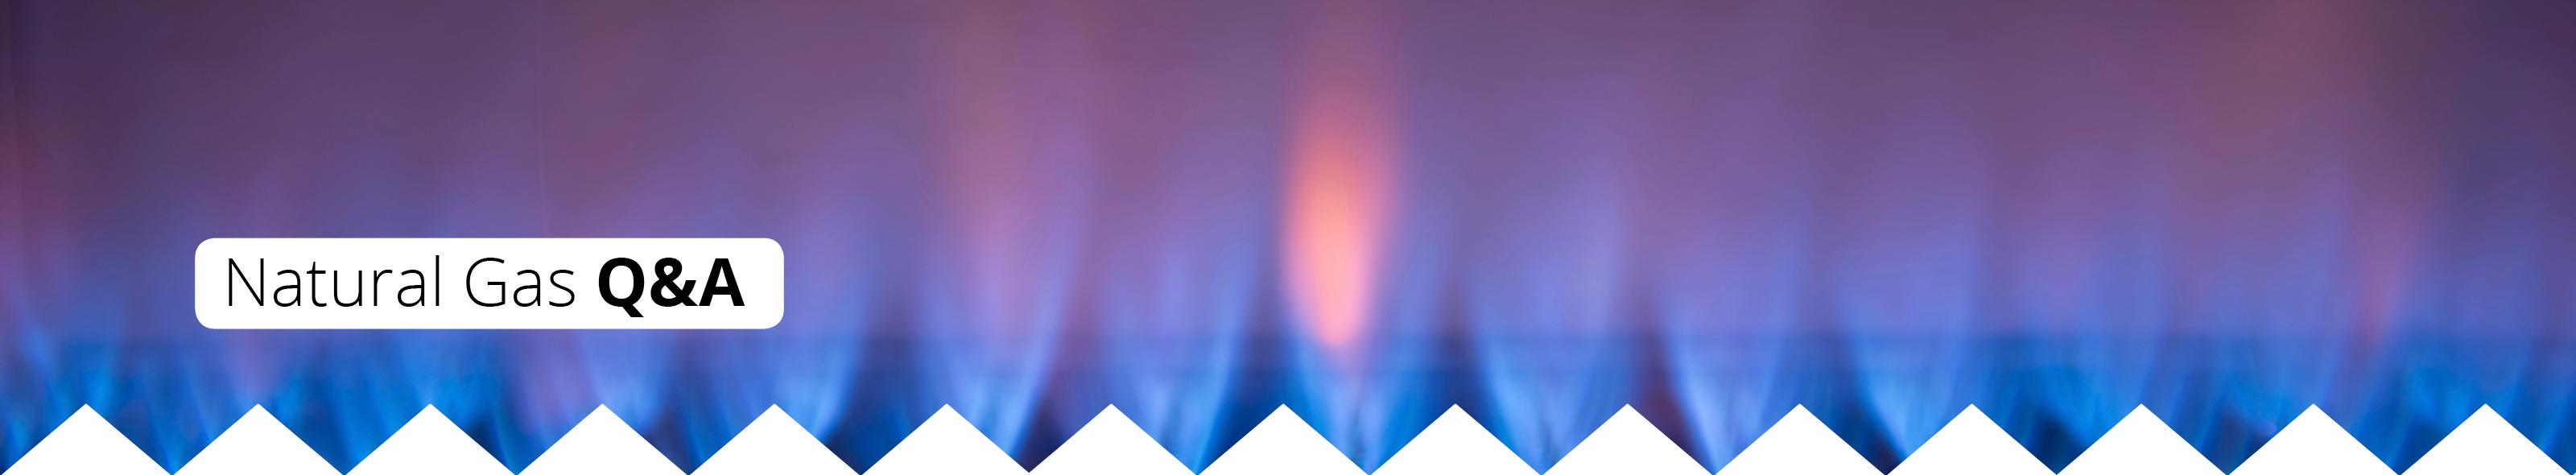 Natural Gas Q&A